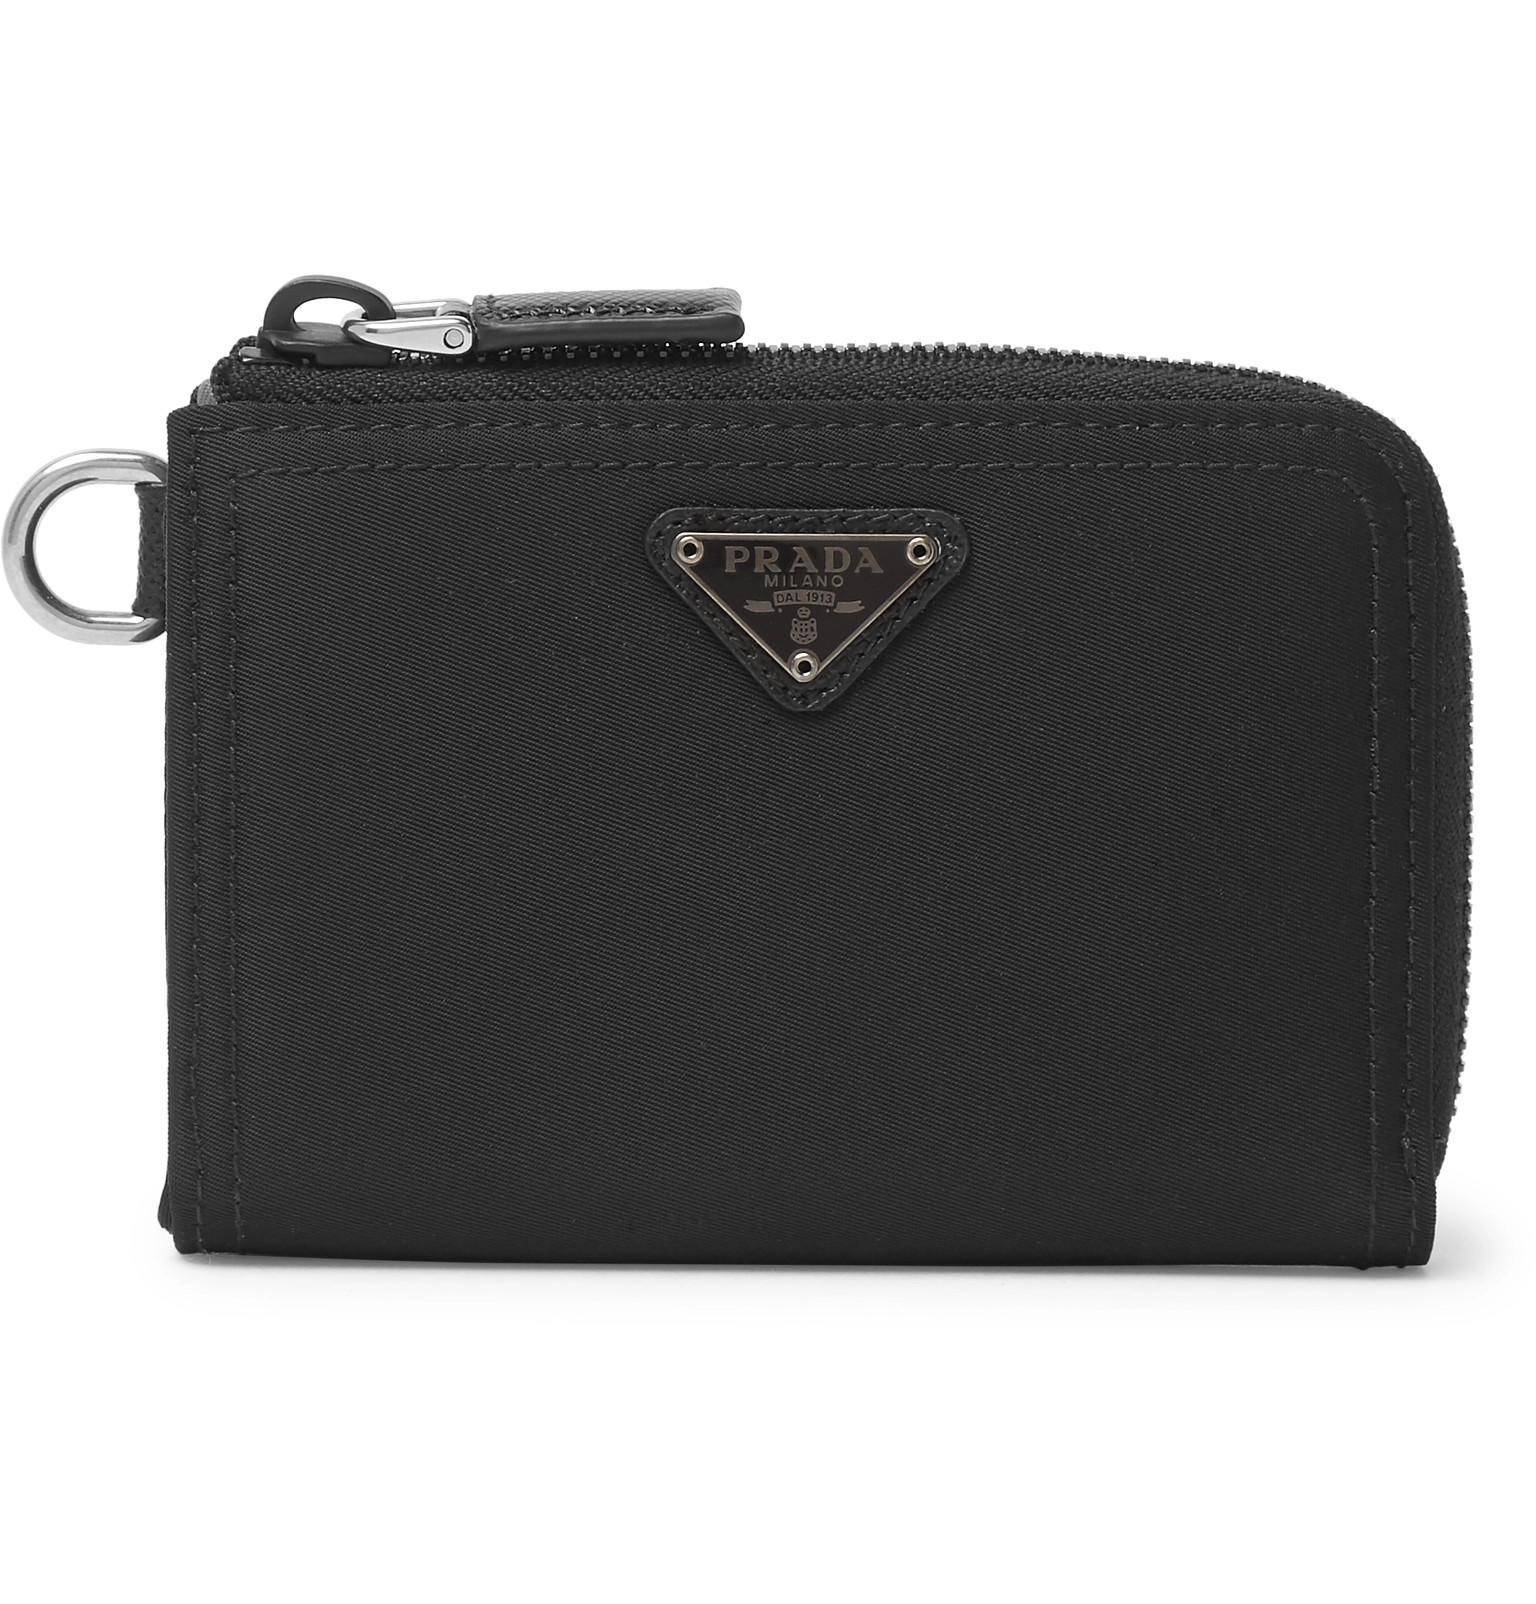 22f513f25de51d Prada Nylon Zip-around Wallet in Black for Men - Lyst